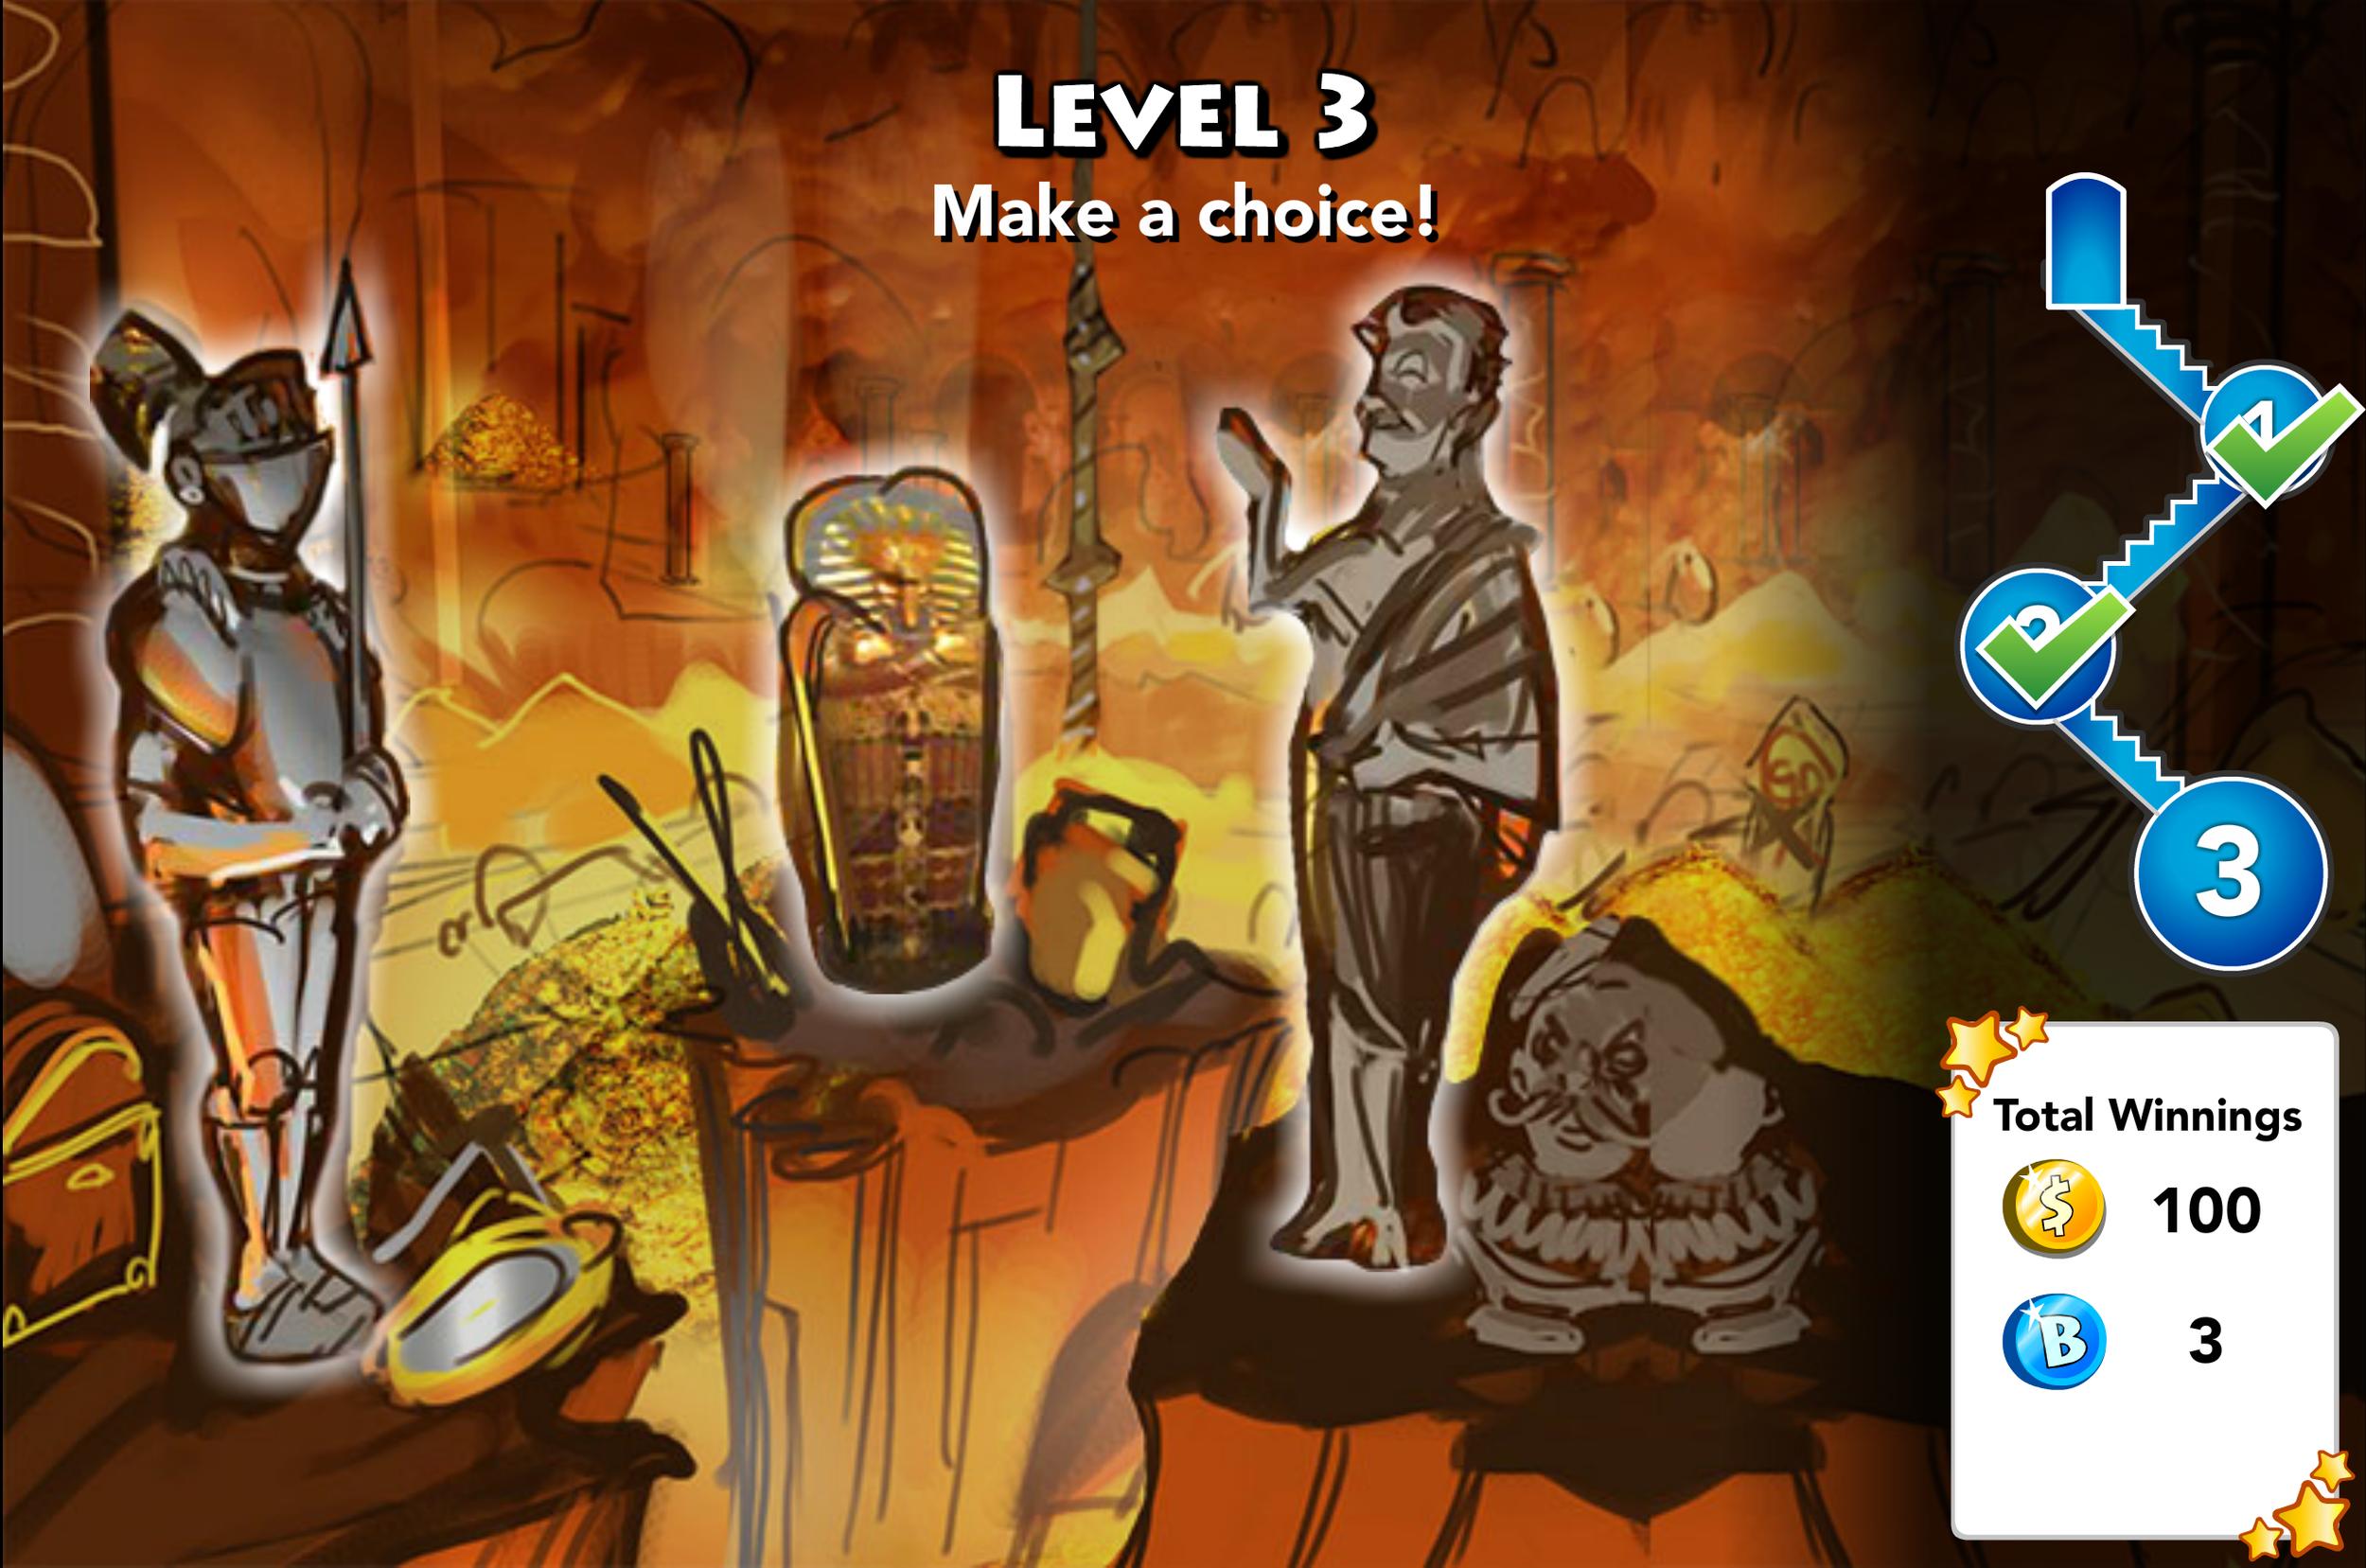 DetectiveBlitzy_4_Level3.png